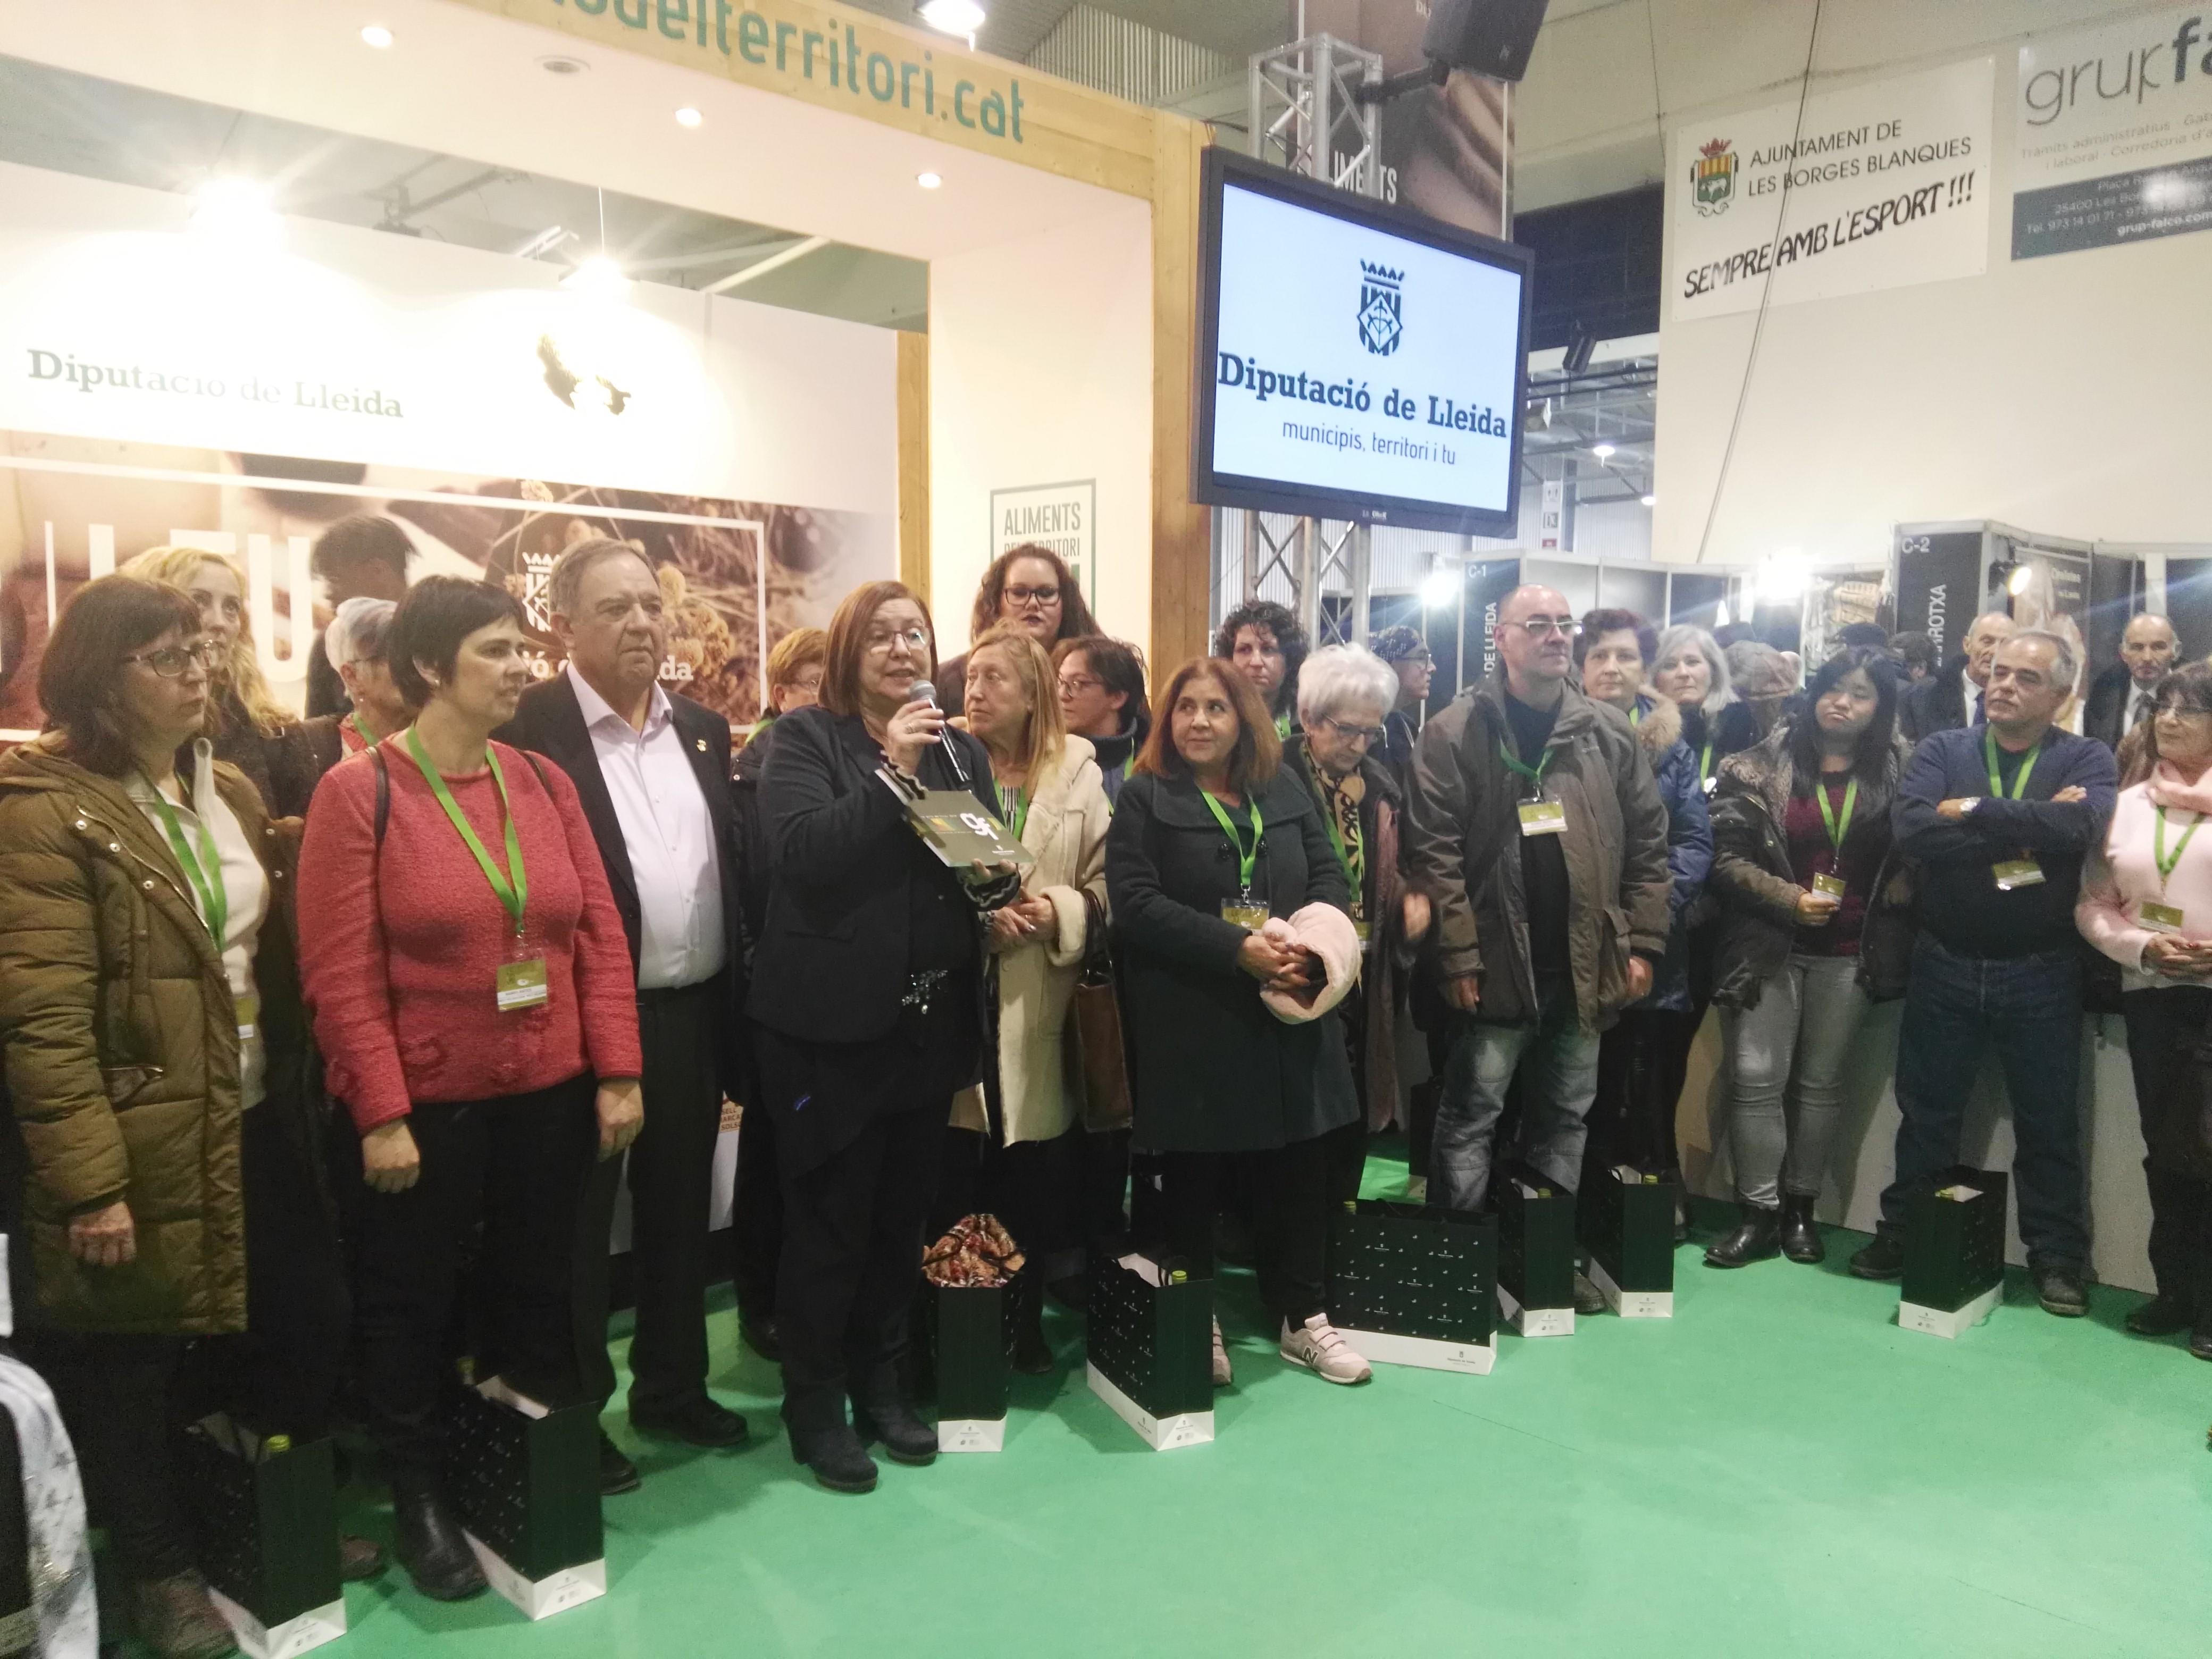 Les Borges signa un conveni amb 30 municipis per dinamitzar el comerç, la cultura i el turisme